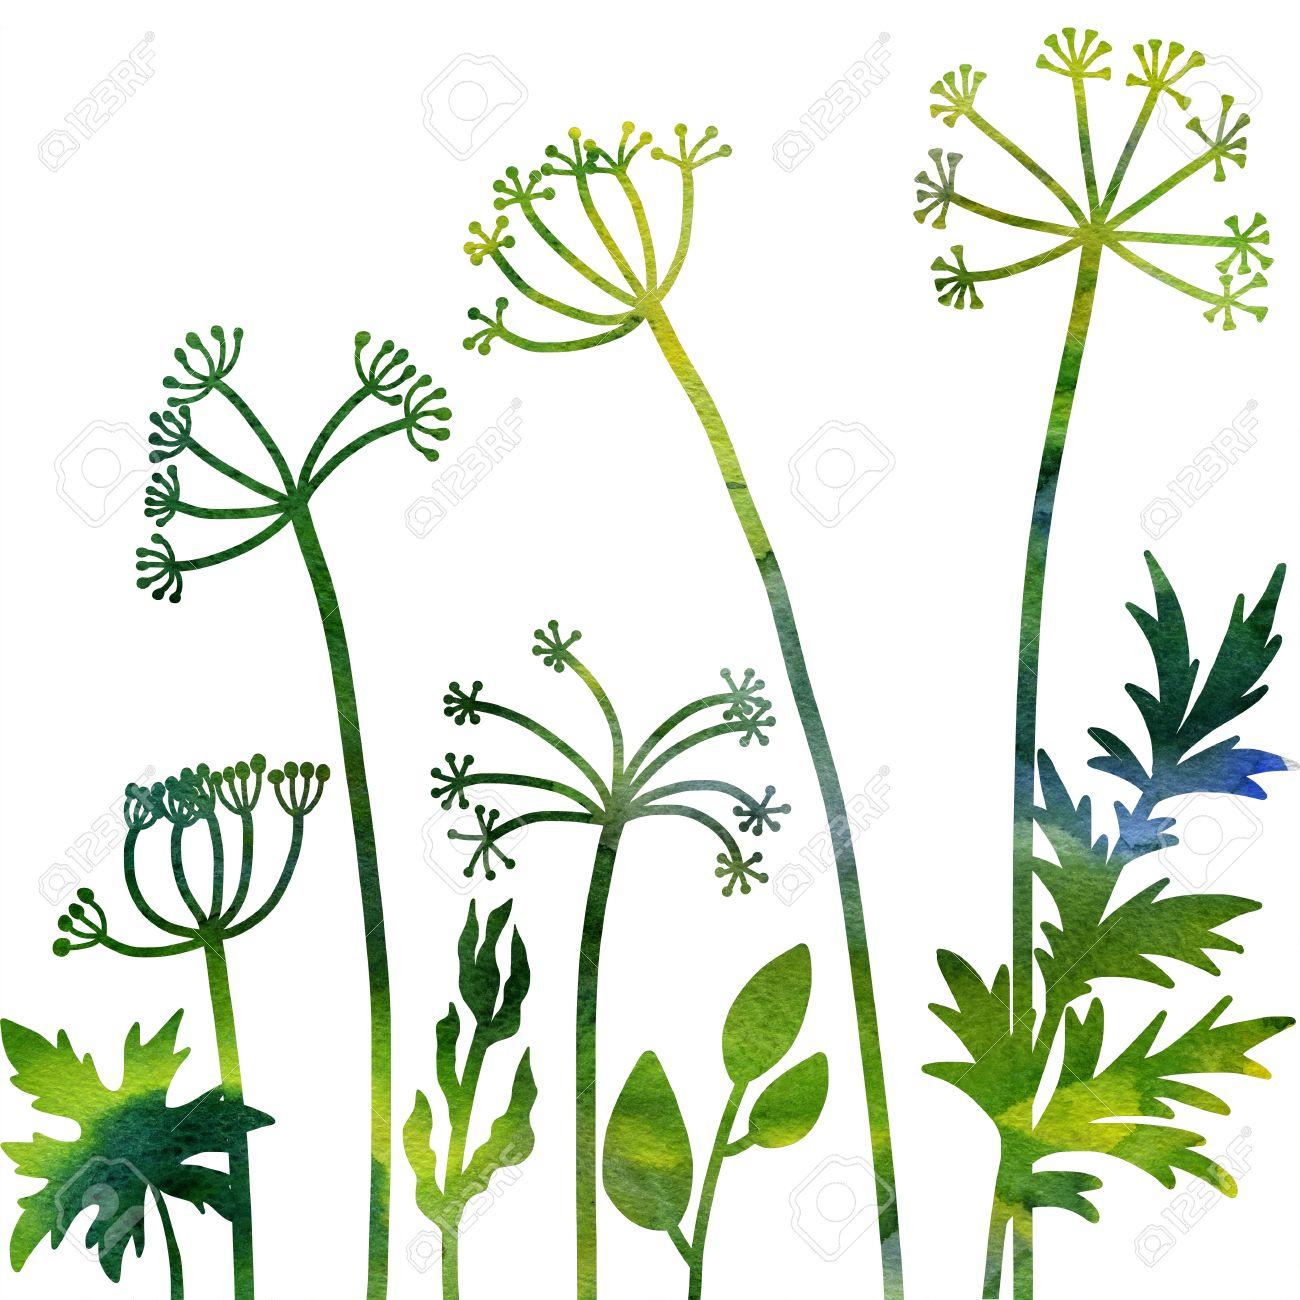 Plantes Aneth Composition Florale Avec Des Plantes Sauvages Dessin à L Aquarelle Dessin Floral Card Aquarelle Nature Artistique Fond Illustration